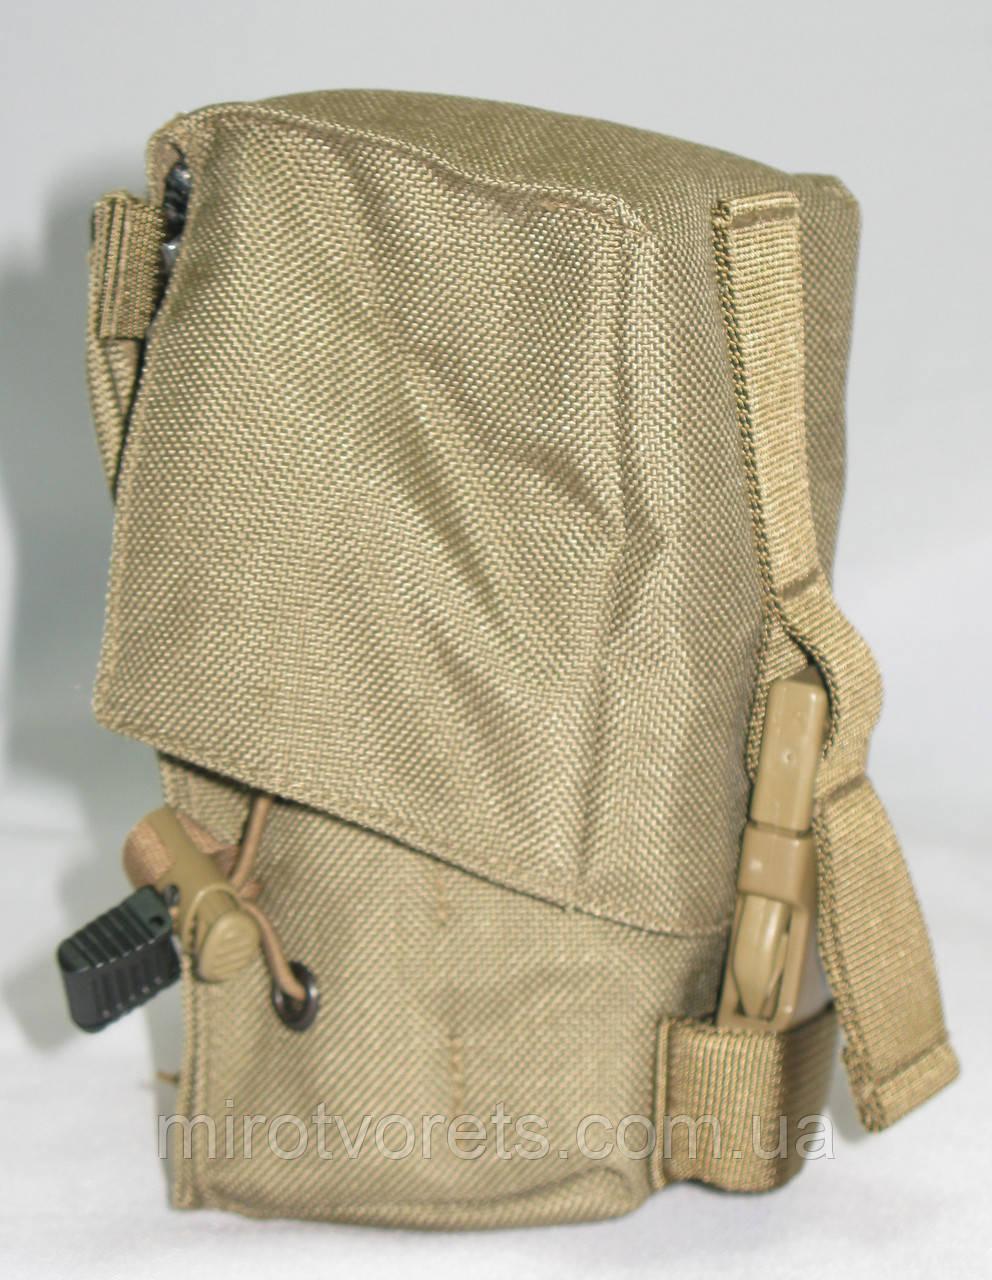 Подсумок армейский для рации и амуниции.